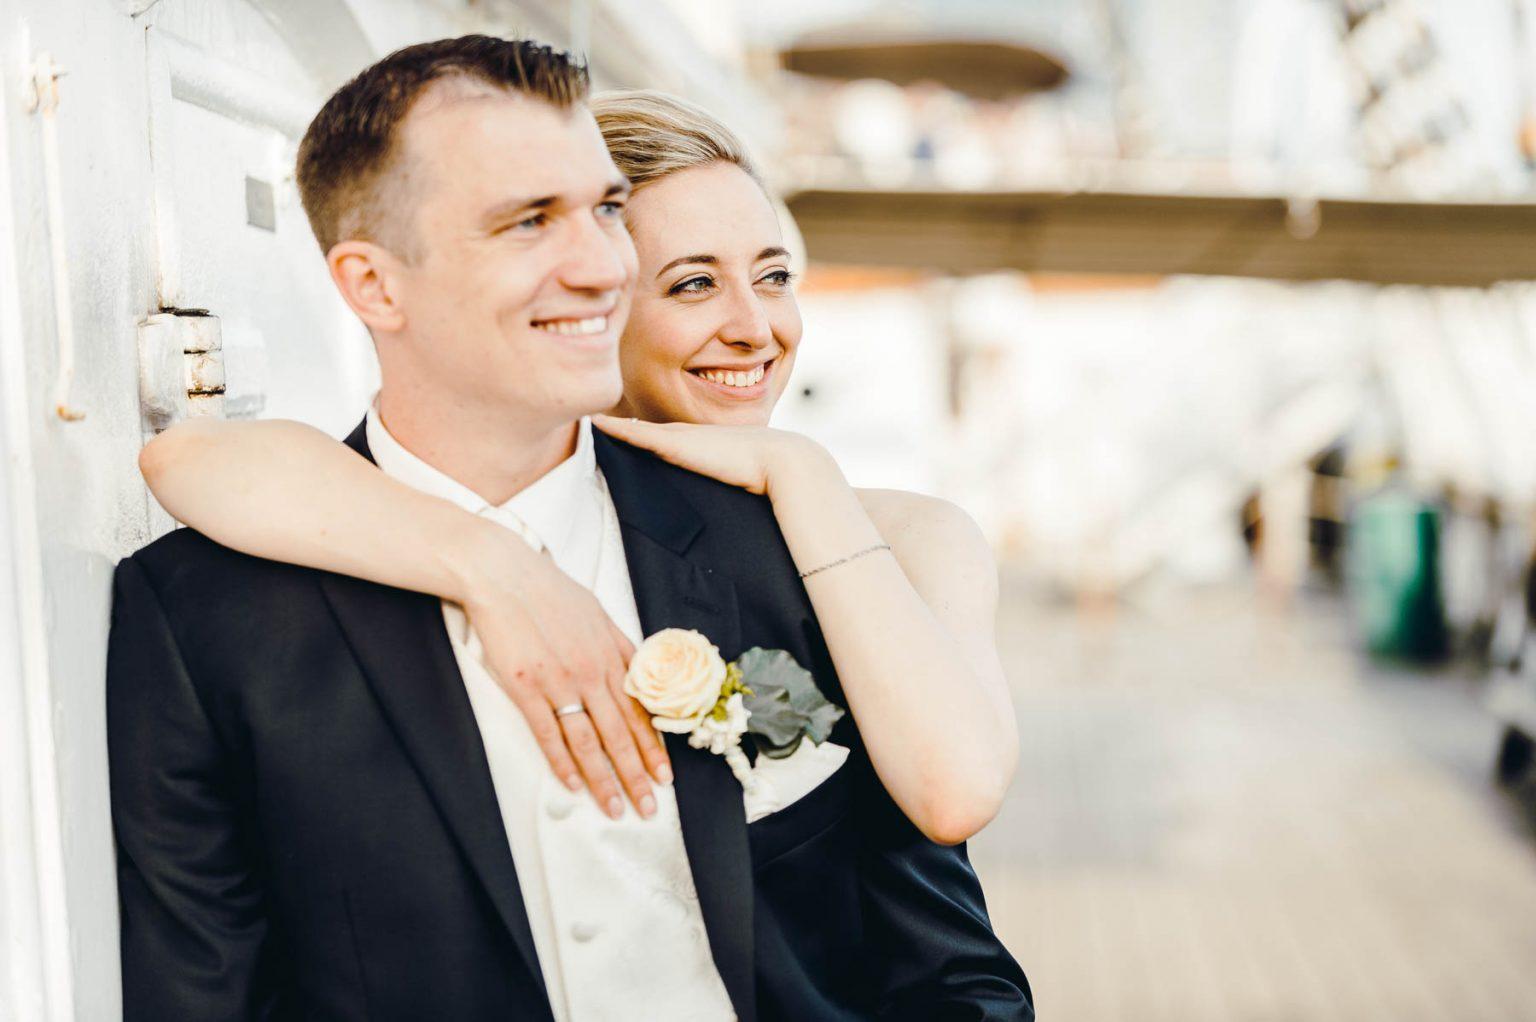 Hochzeitsportrait auf der Rickmers Rickmers